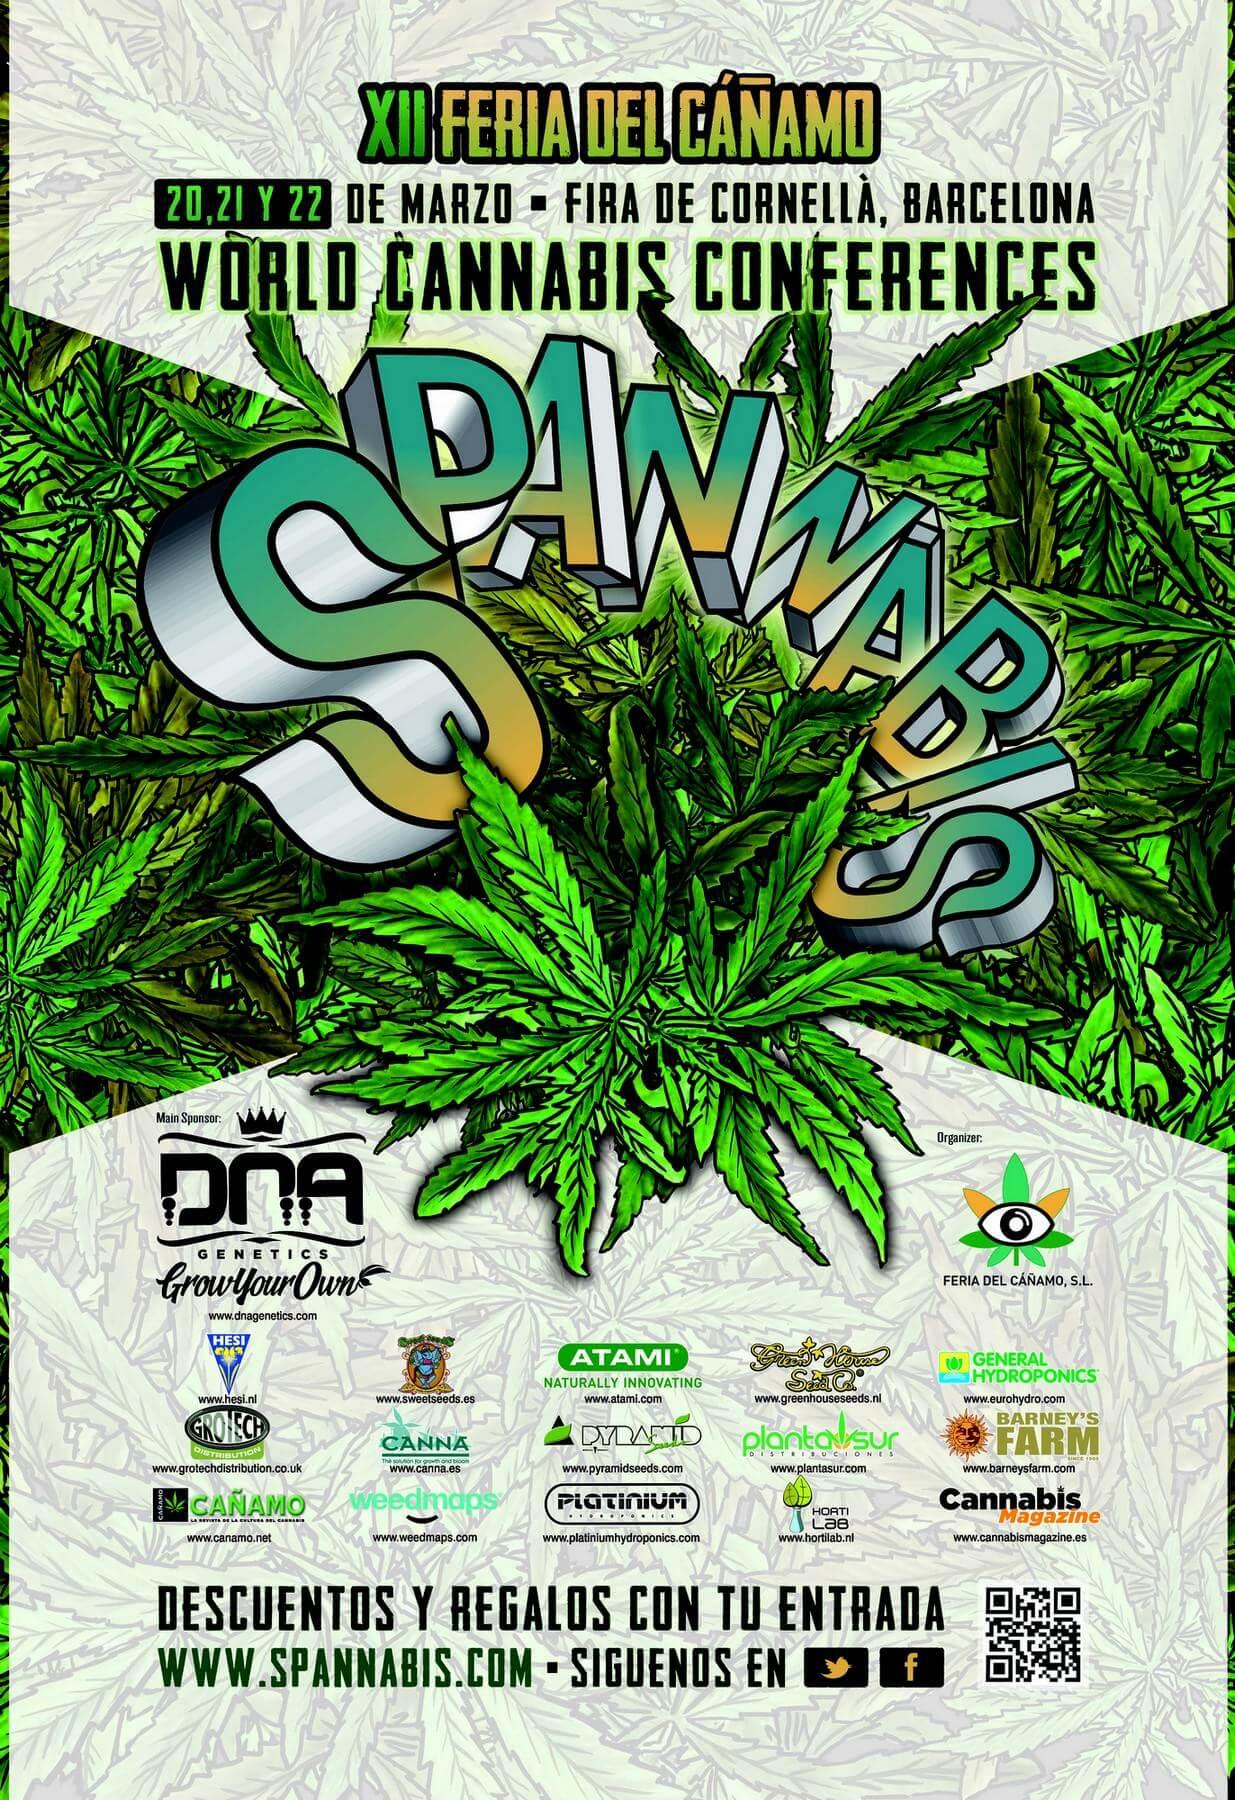 Calendrier 2015 des f tes et salons du cannabis en europe blog du growshop alchimia - Calendrier des salons 2015 ...